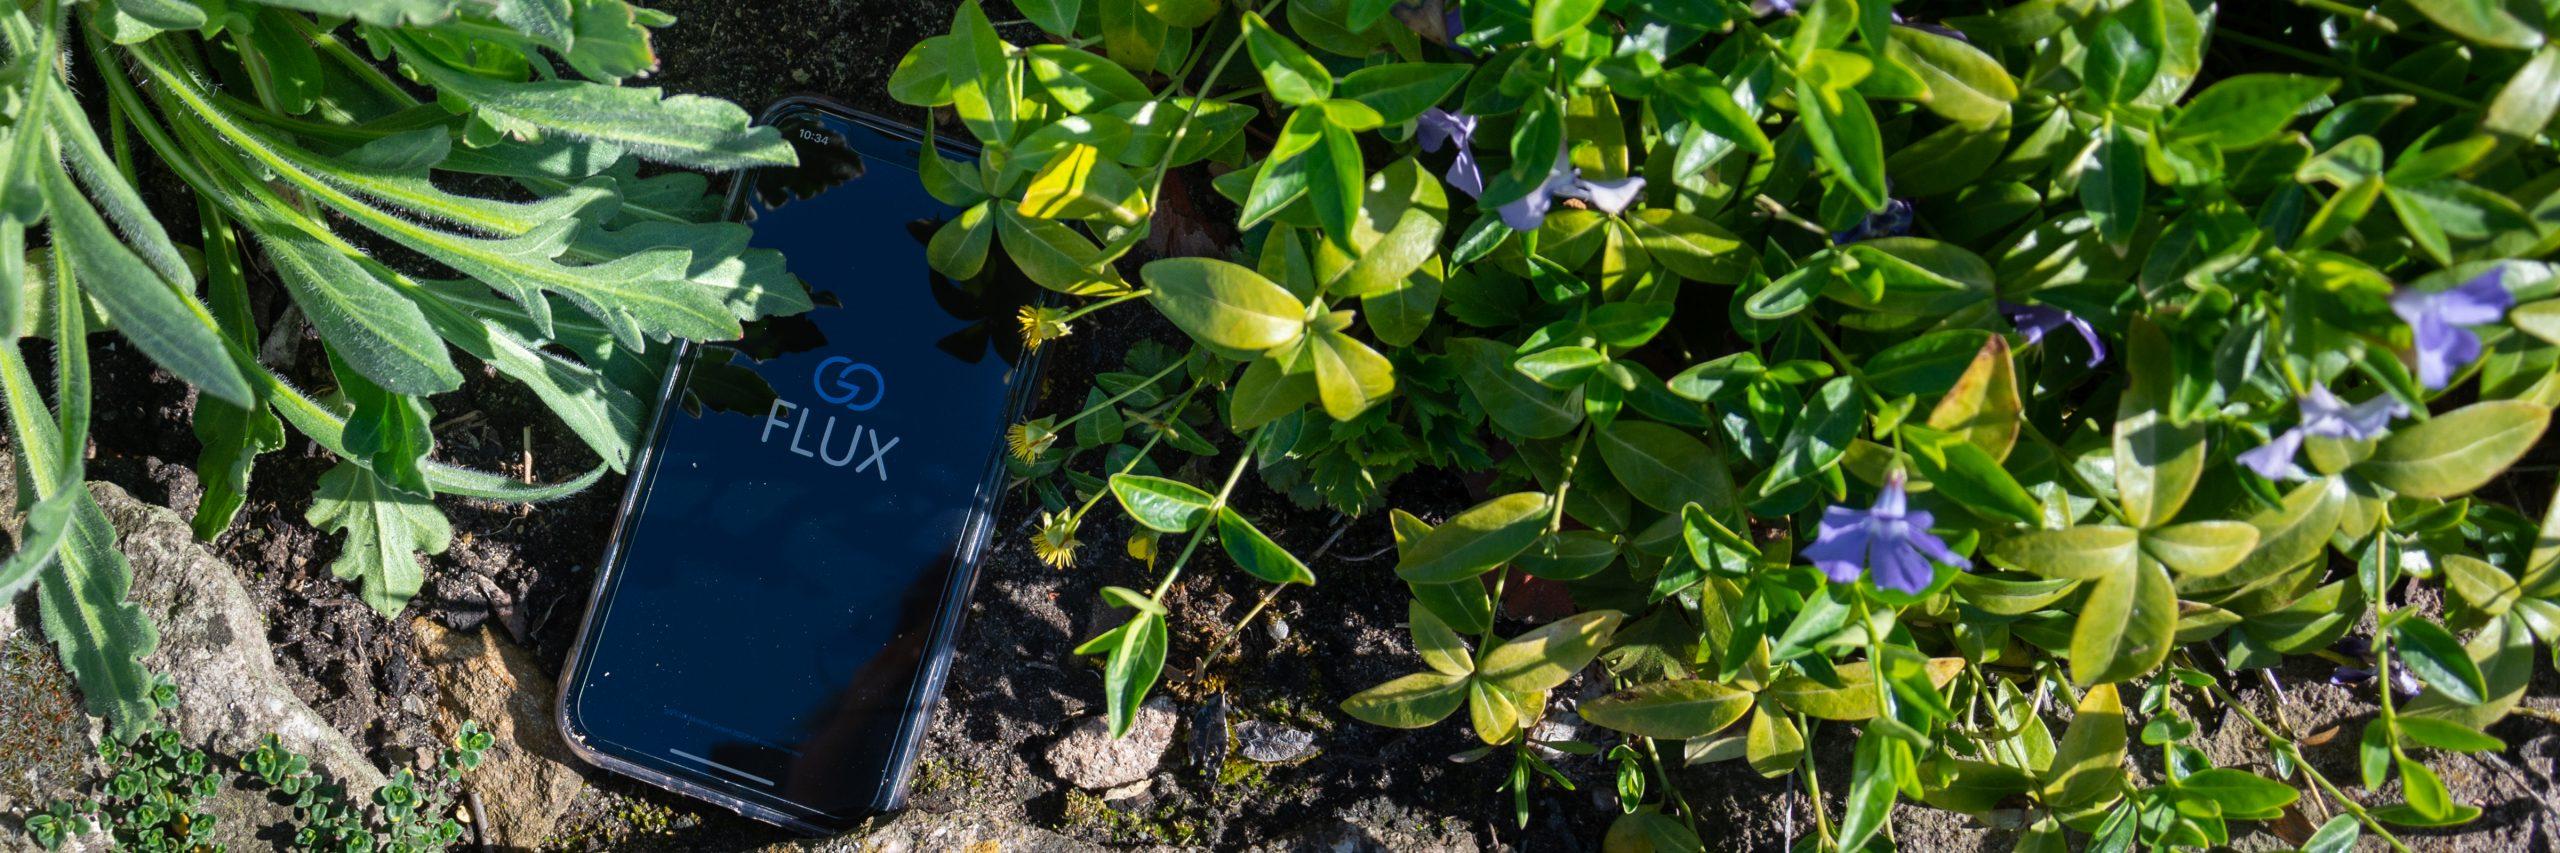 Blumen; grün; Handy; goFLUX-App; goFLUX Logo; nachhaltige Digitalisierung